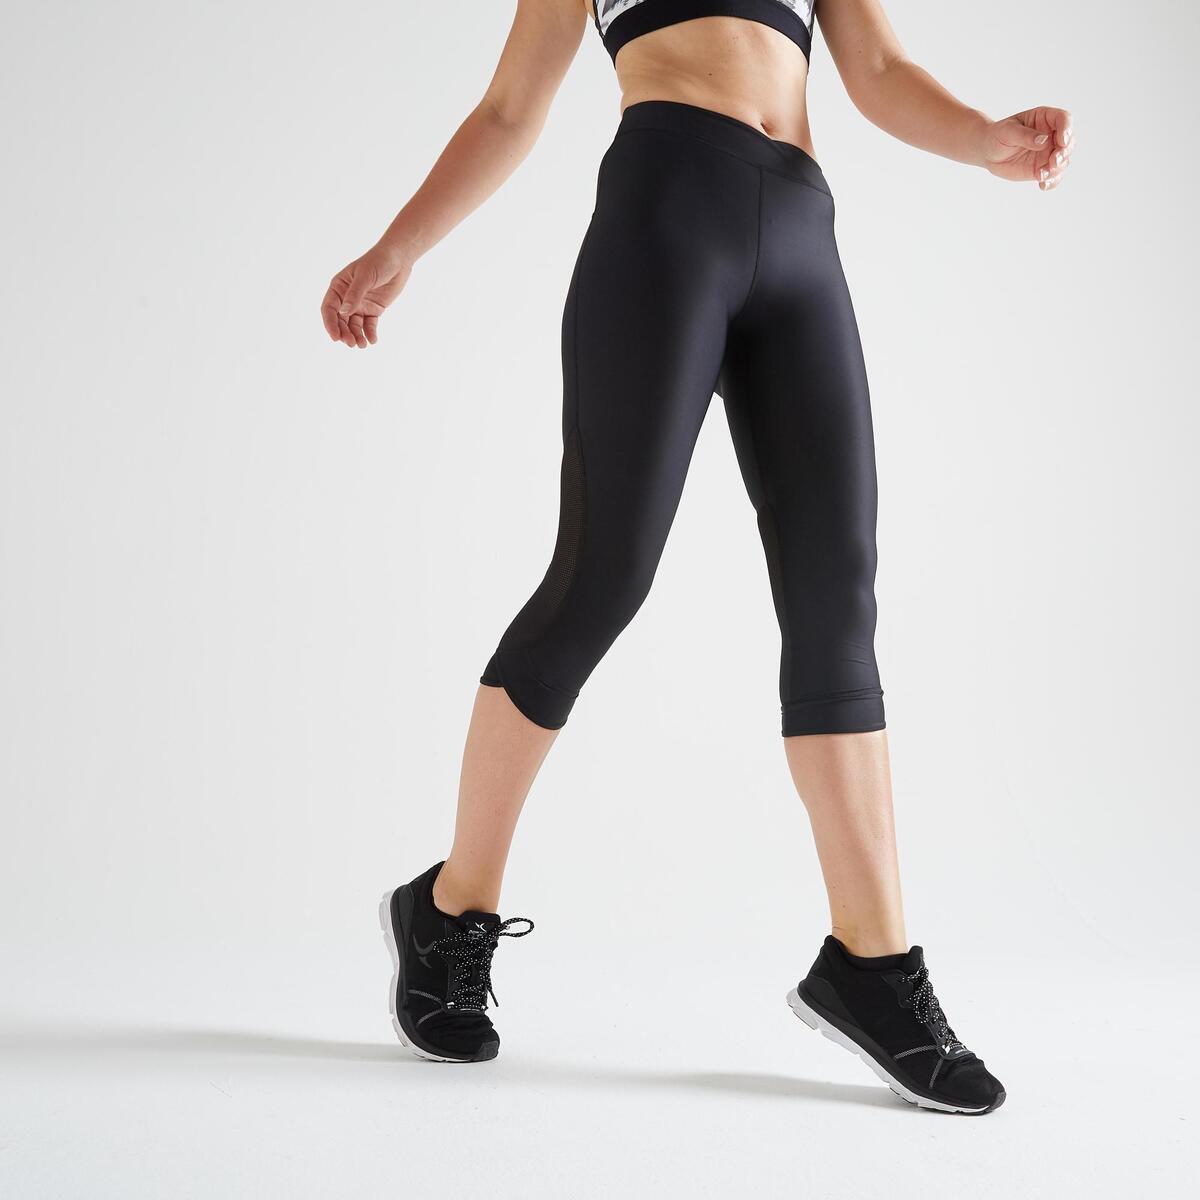 Bild 1 von 7/8-Leggings FLE 500R Fitness Cardio Damen schwarz